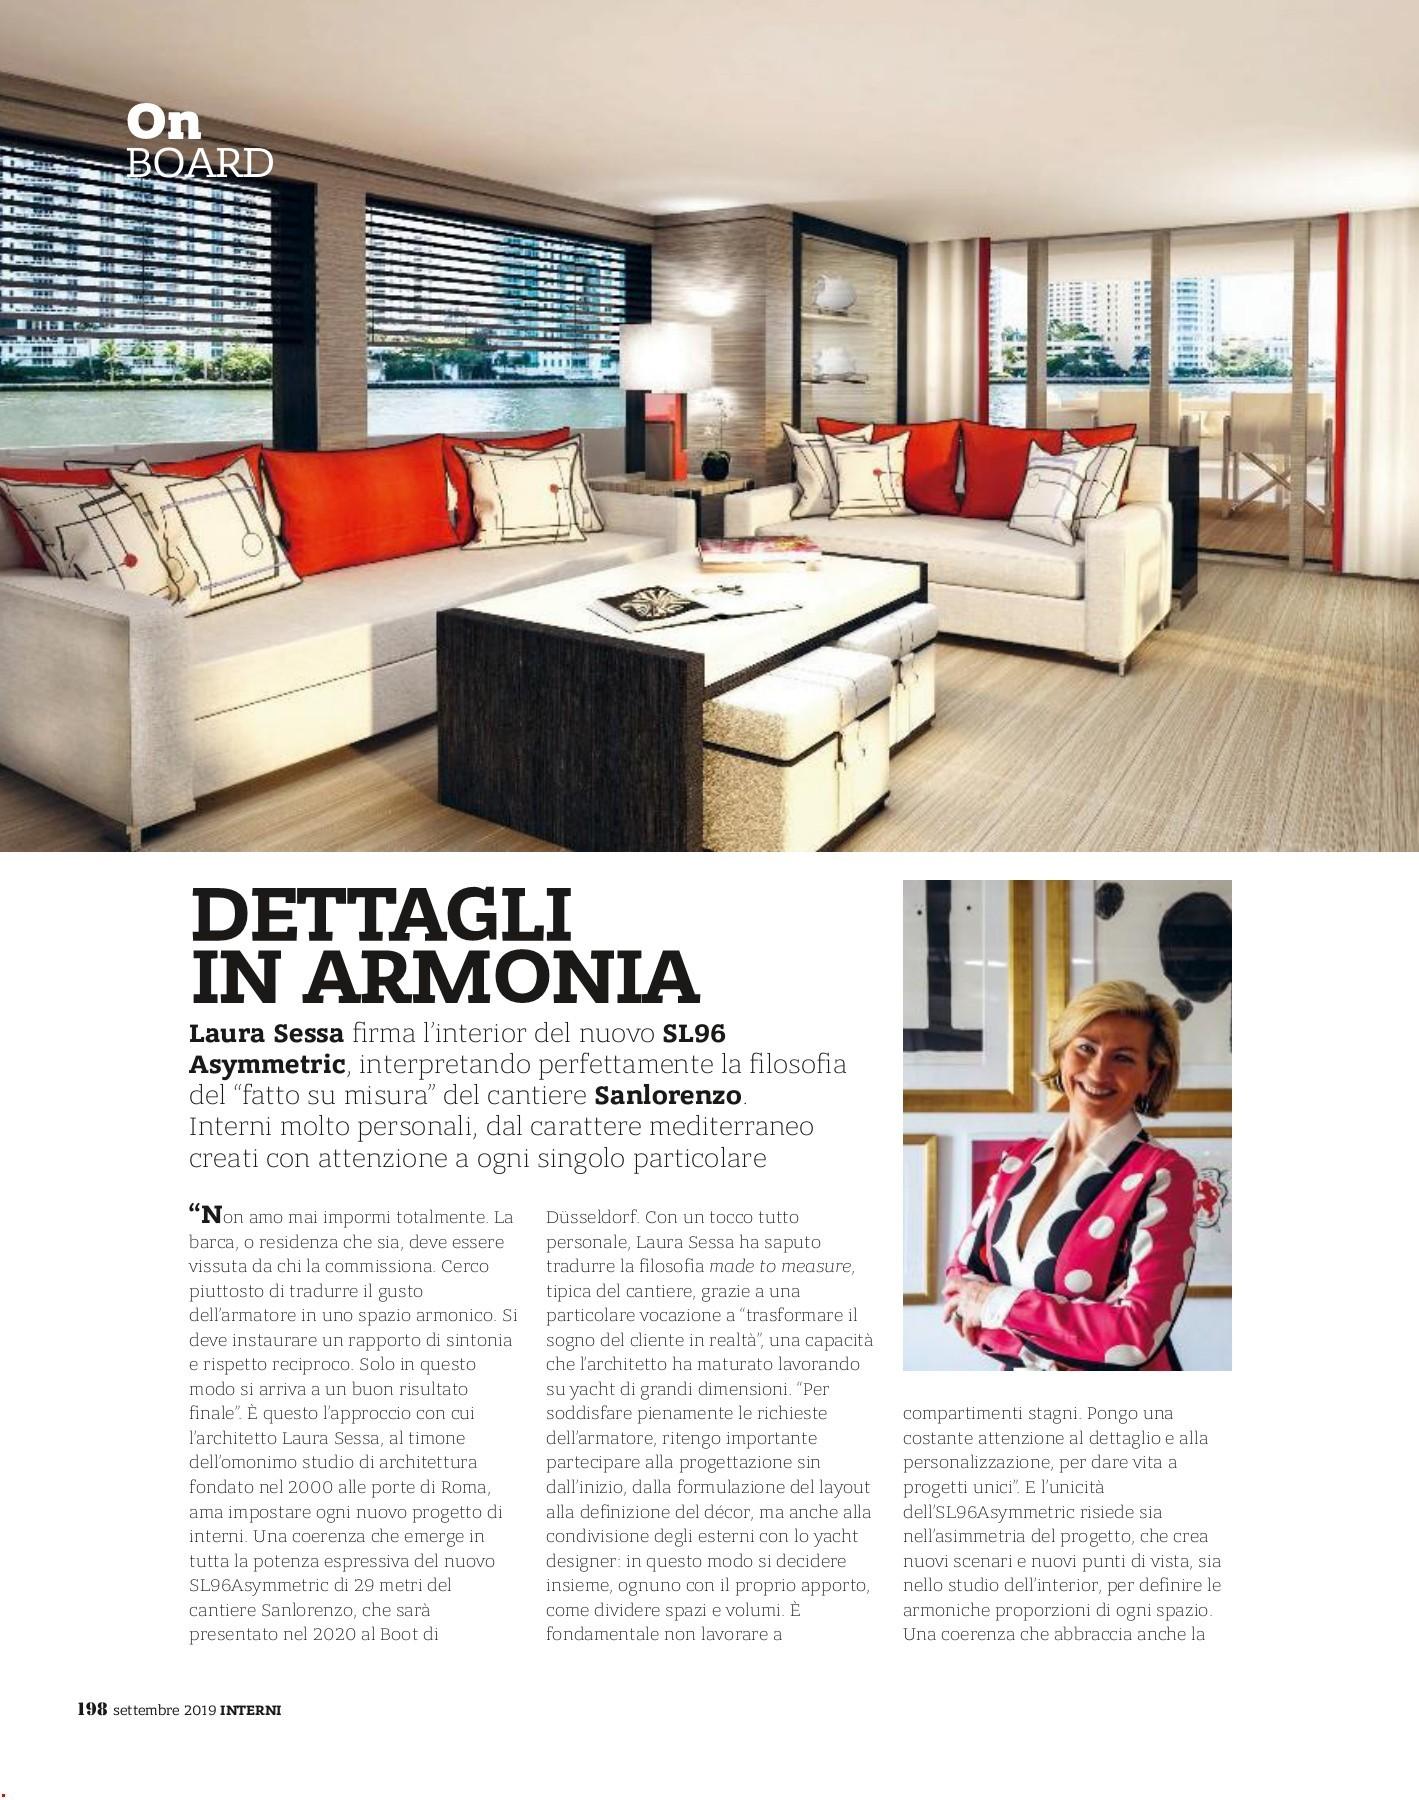 La Mia Cucina Varazze interni italia_agosto 2019-flip book pages 201-250   pubhtml5